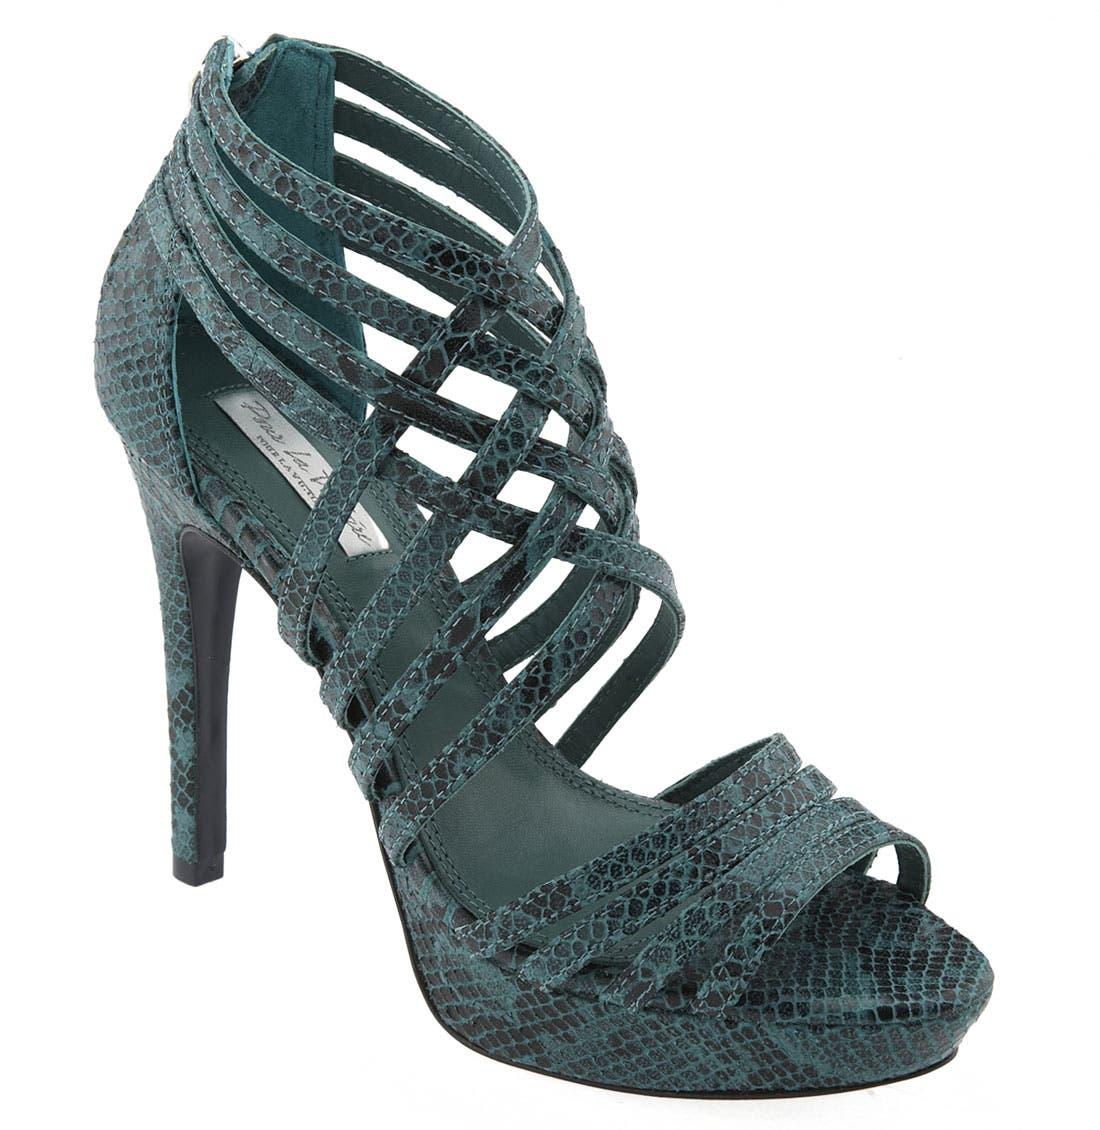 Alternate Image 1 Selected - Pour la Victoire 'Bethanie' Sandal